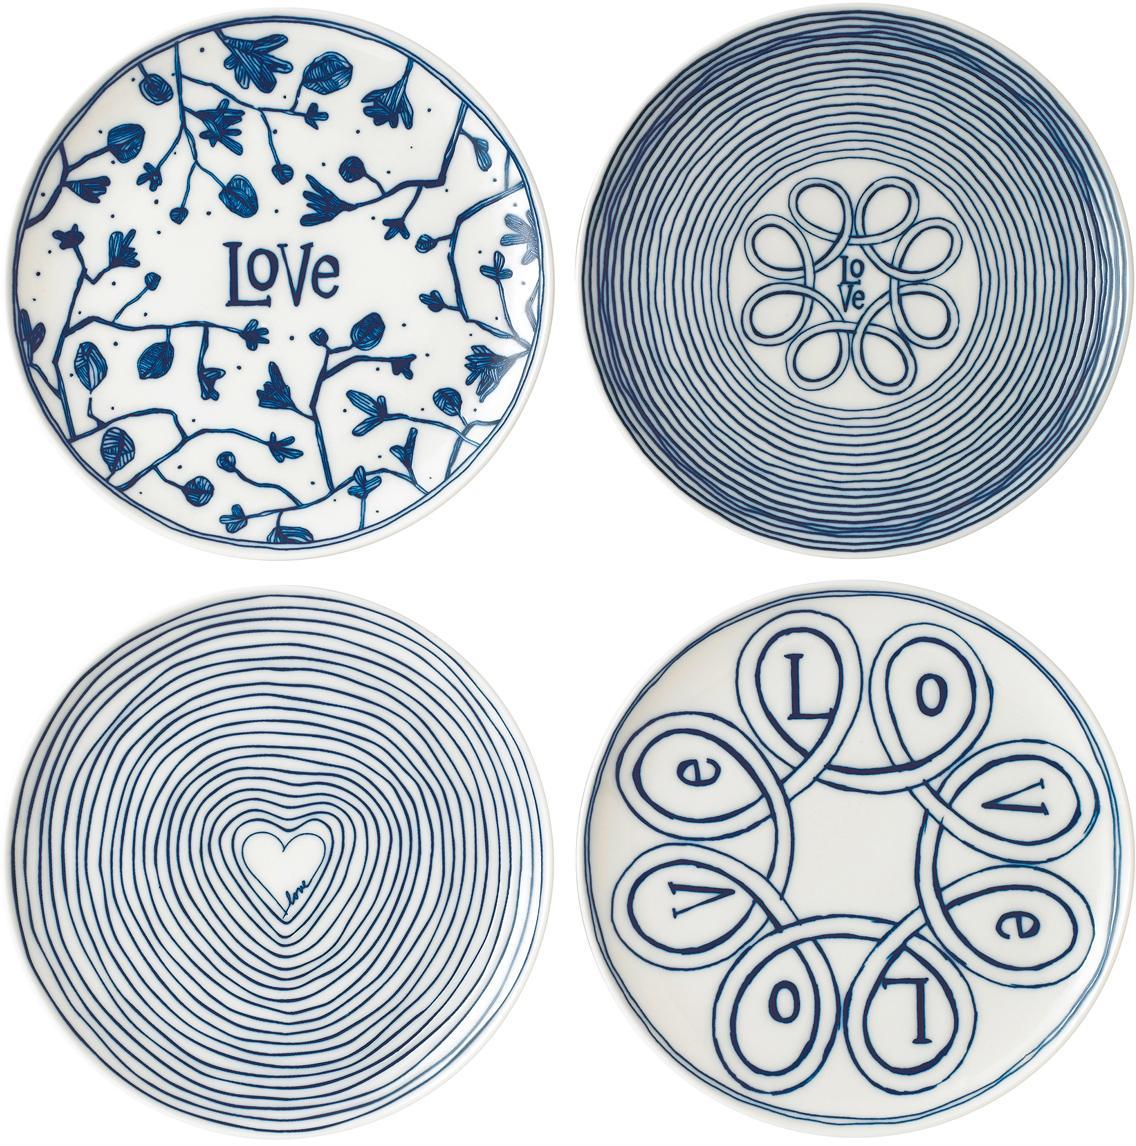 Ontbijtbordenset Love in wit/blauw met patroon, 4-delig, Porselein, Ivoorkleurig, kobaltblauw, Ø 21 cm